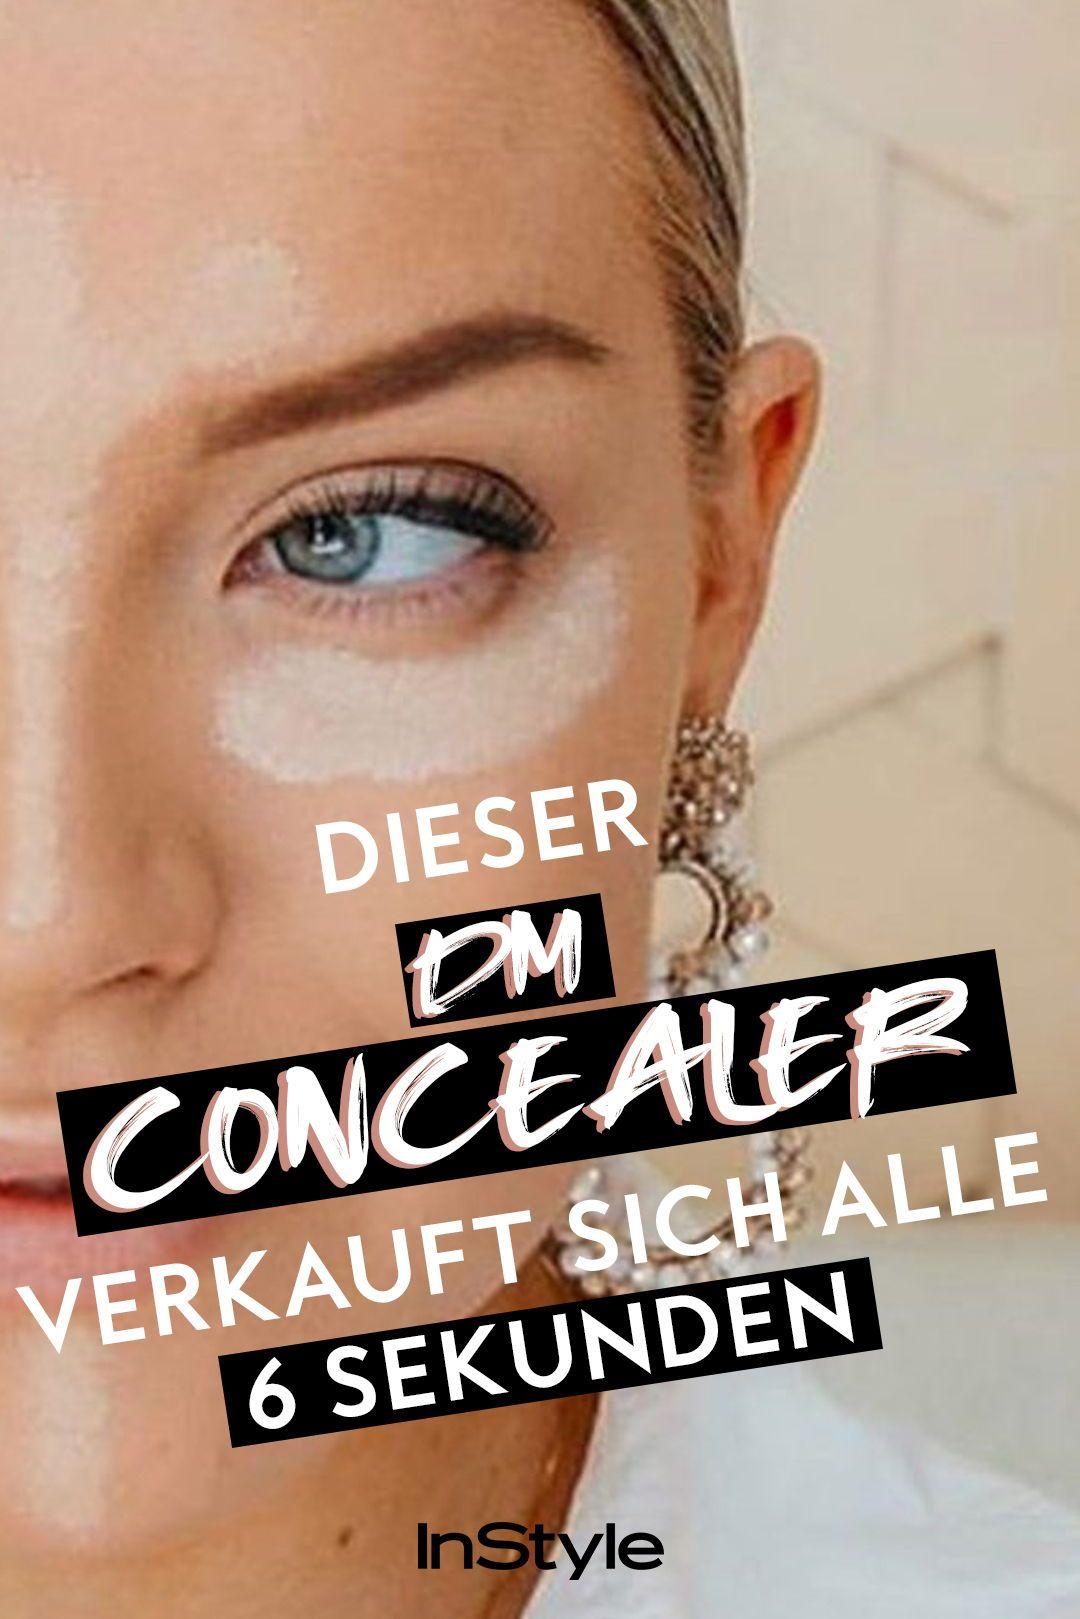 Unschlagbar Gut Dieser Dm Concealer Wird Alle 6 Sekunden Verkauft Concealer Maybelline Concealer Haut Tipps